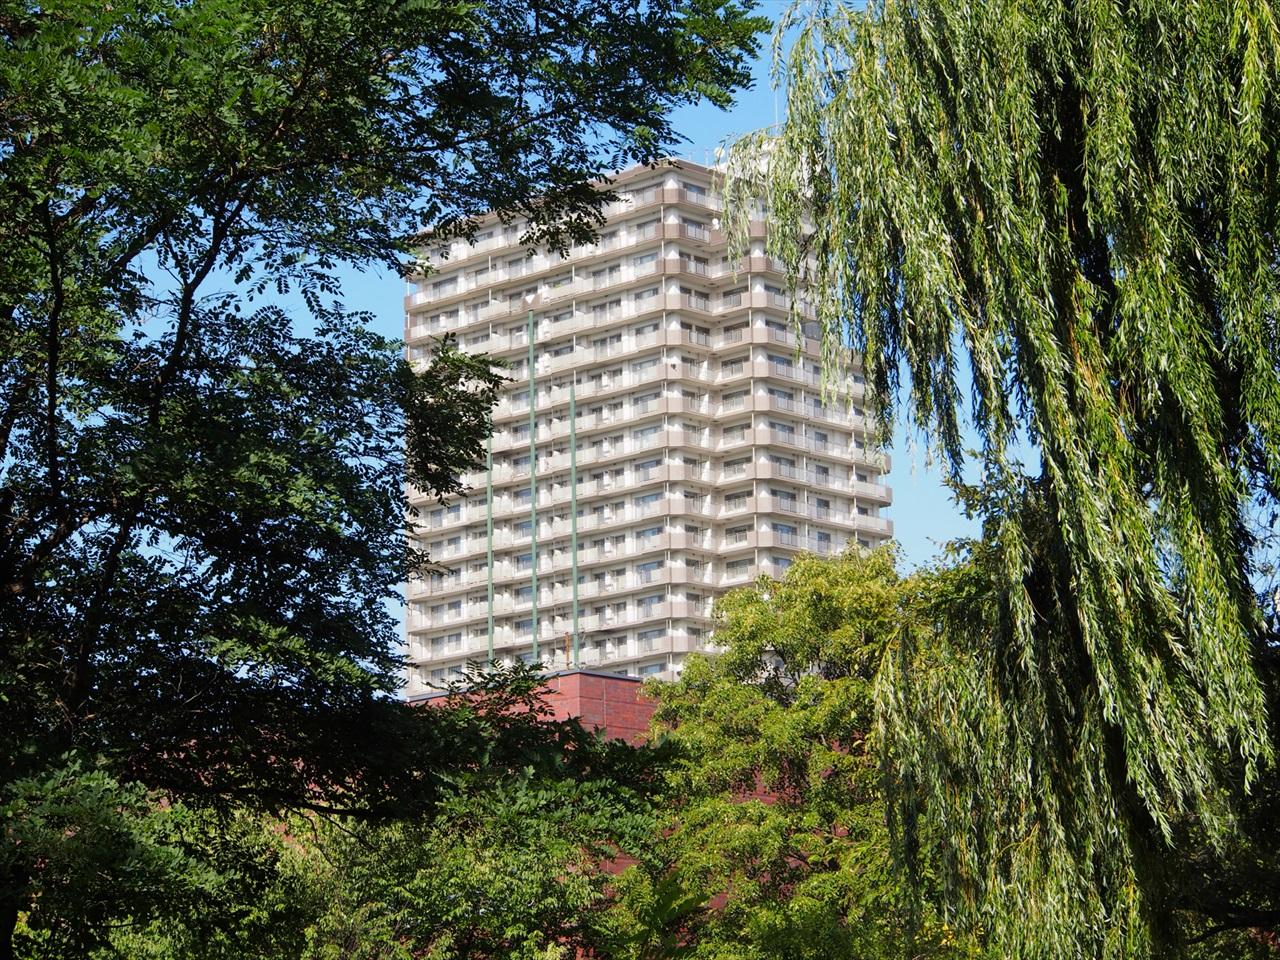 緑葉の向こうに見えるマンション